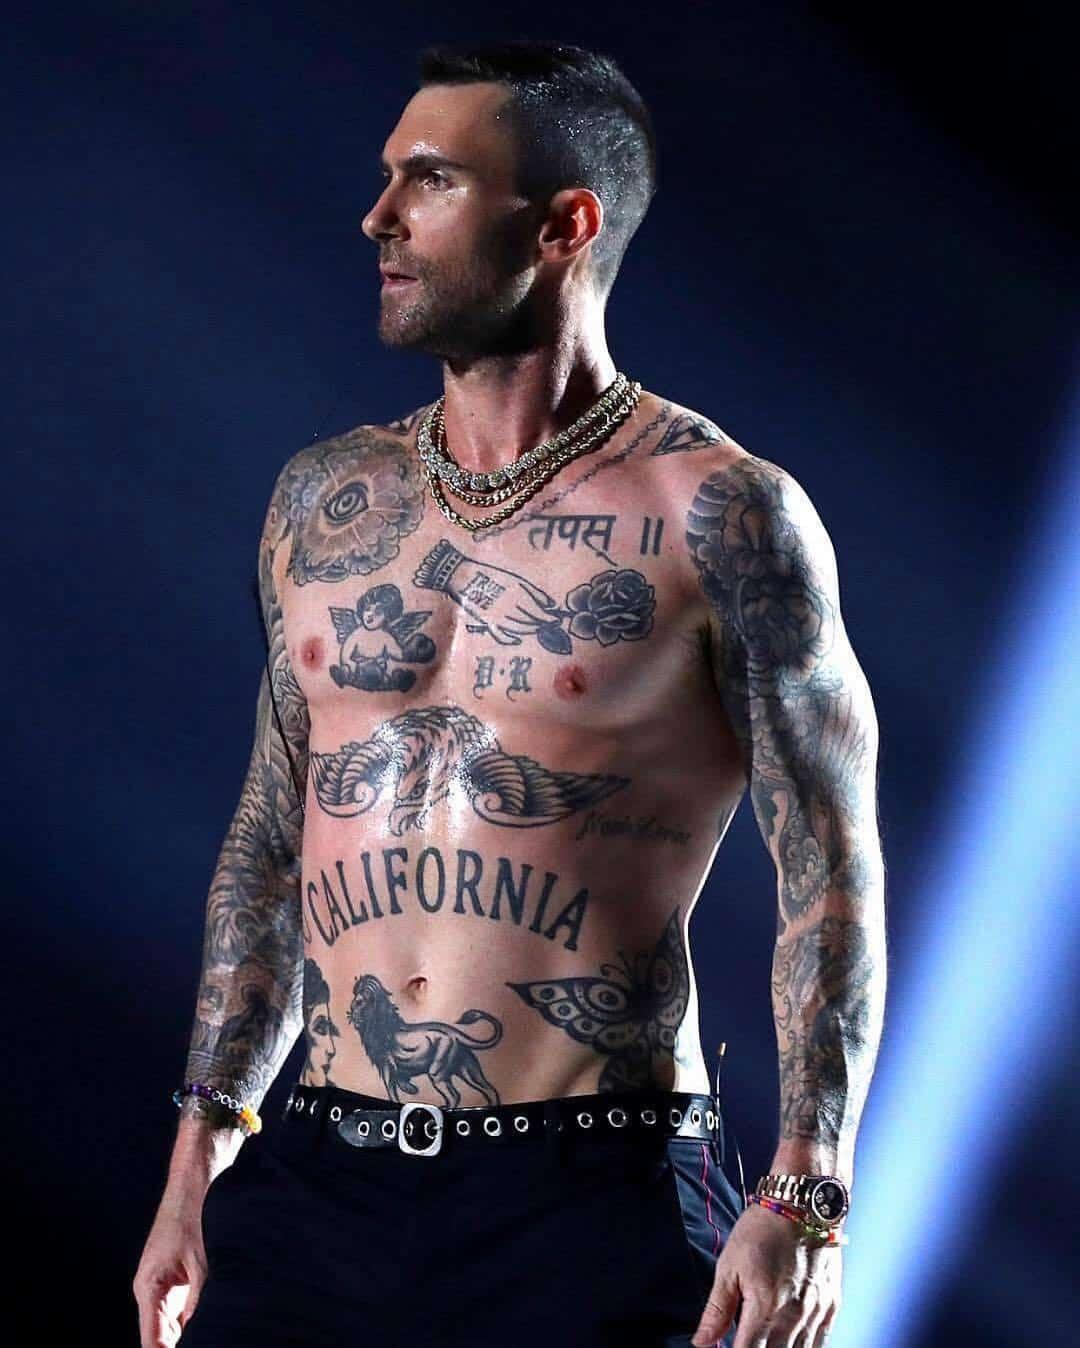 adam levine true love with a rose tattoo